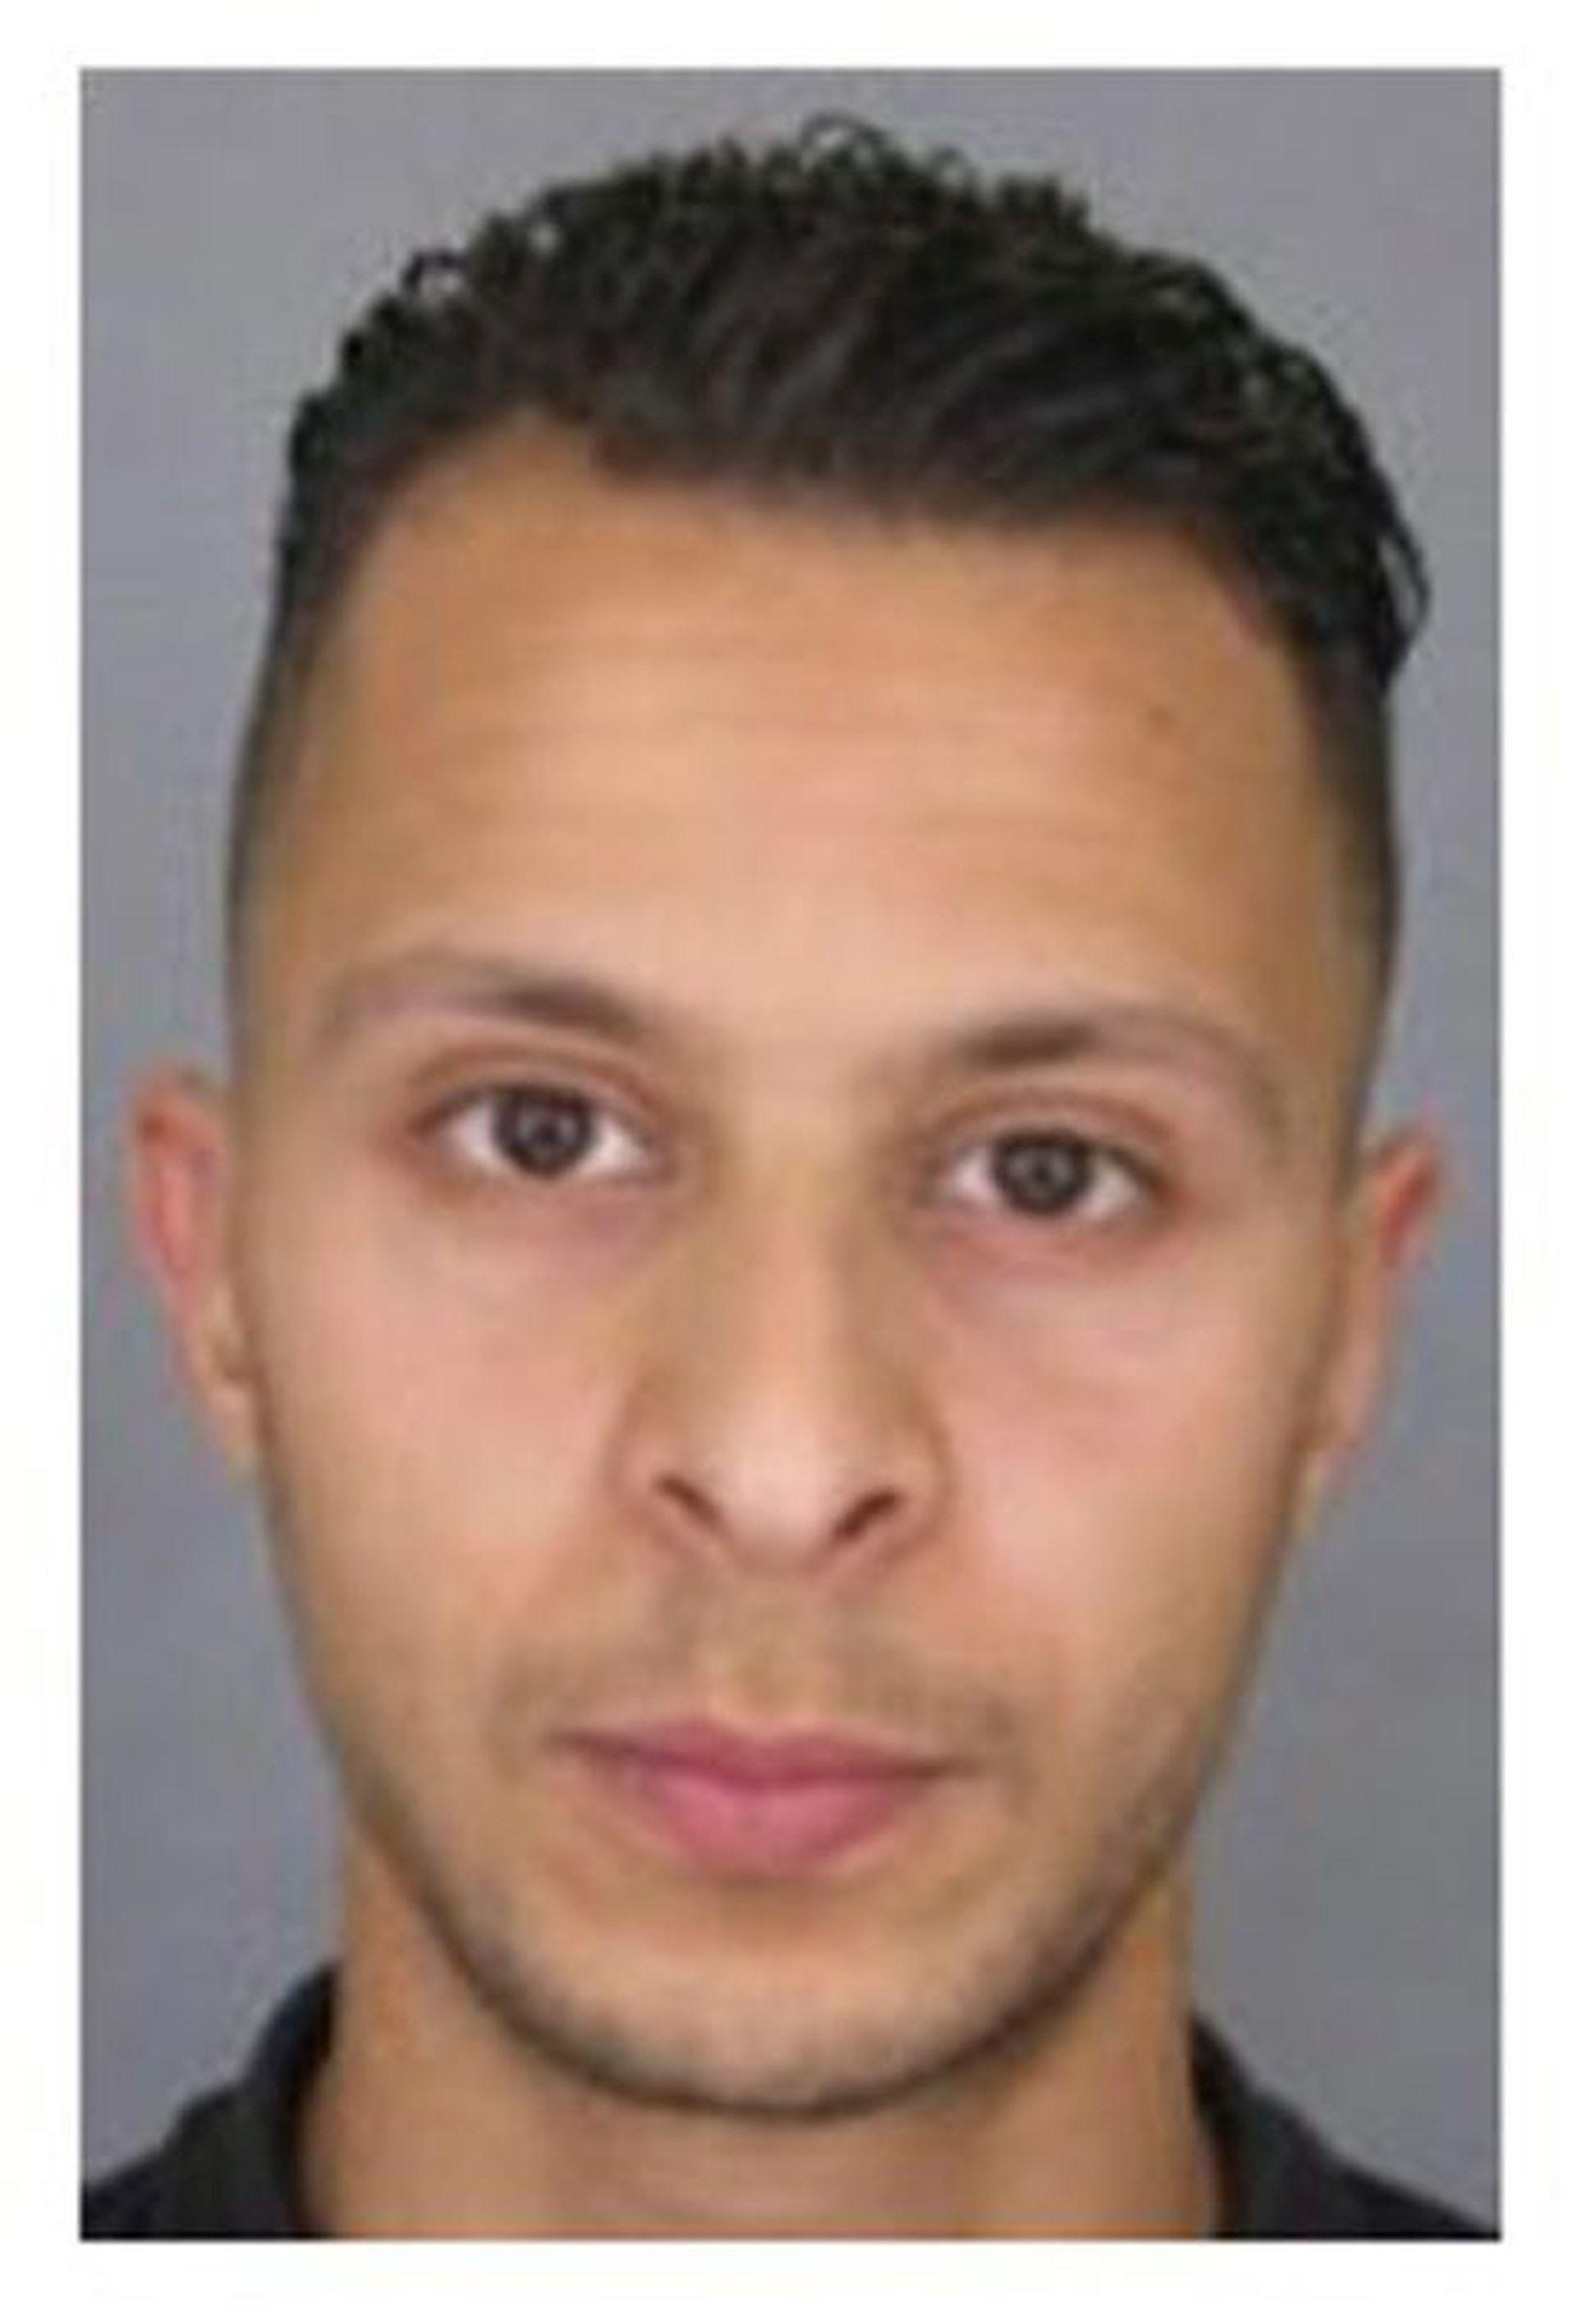 TERORIST SALAH ABDESLAM: ' Da sam se raznio, bilo bi još više žrtava. Srećom, to nisam mogao učiniti'